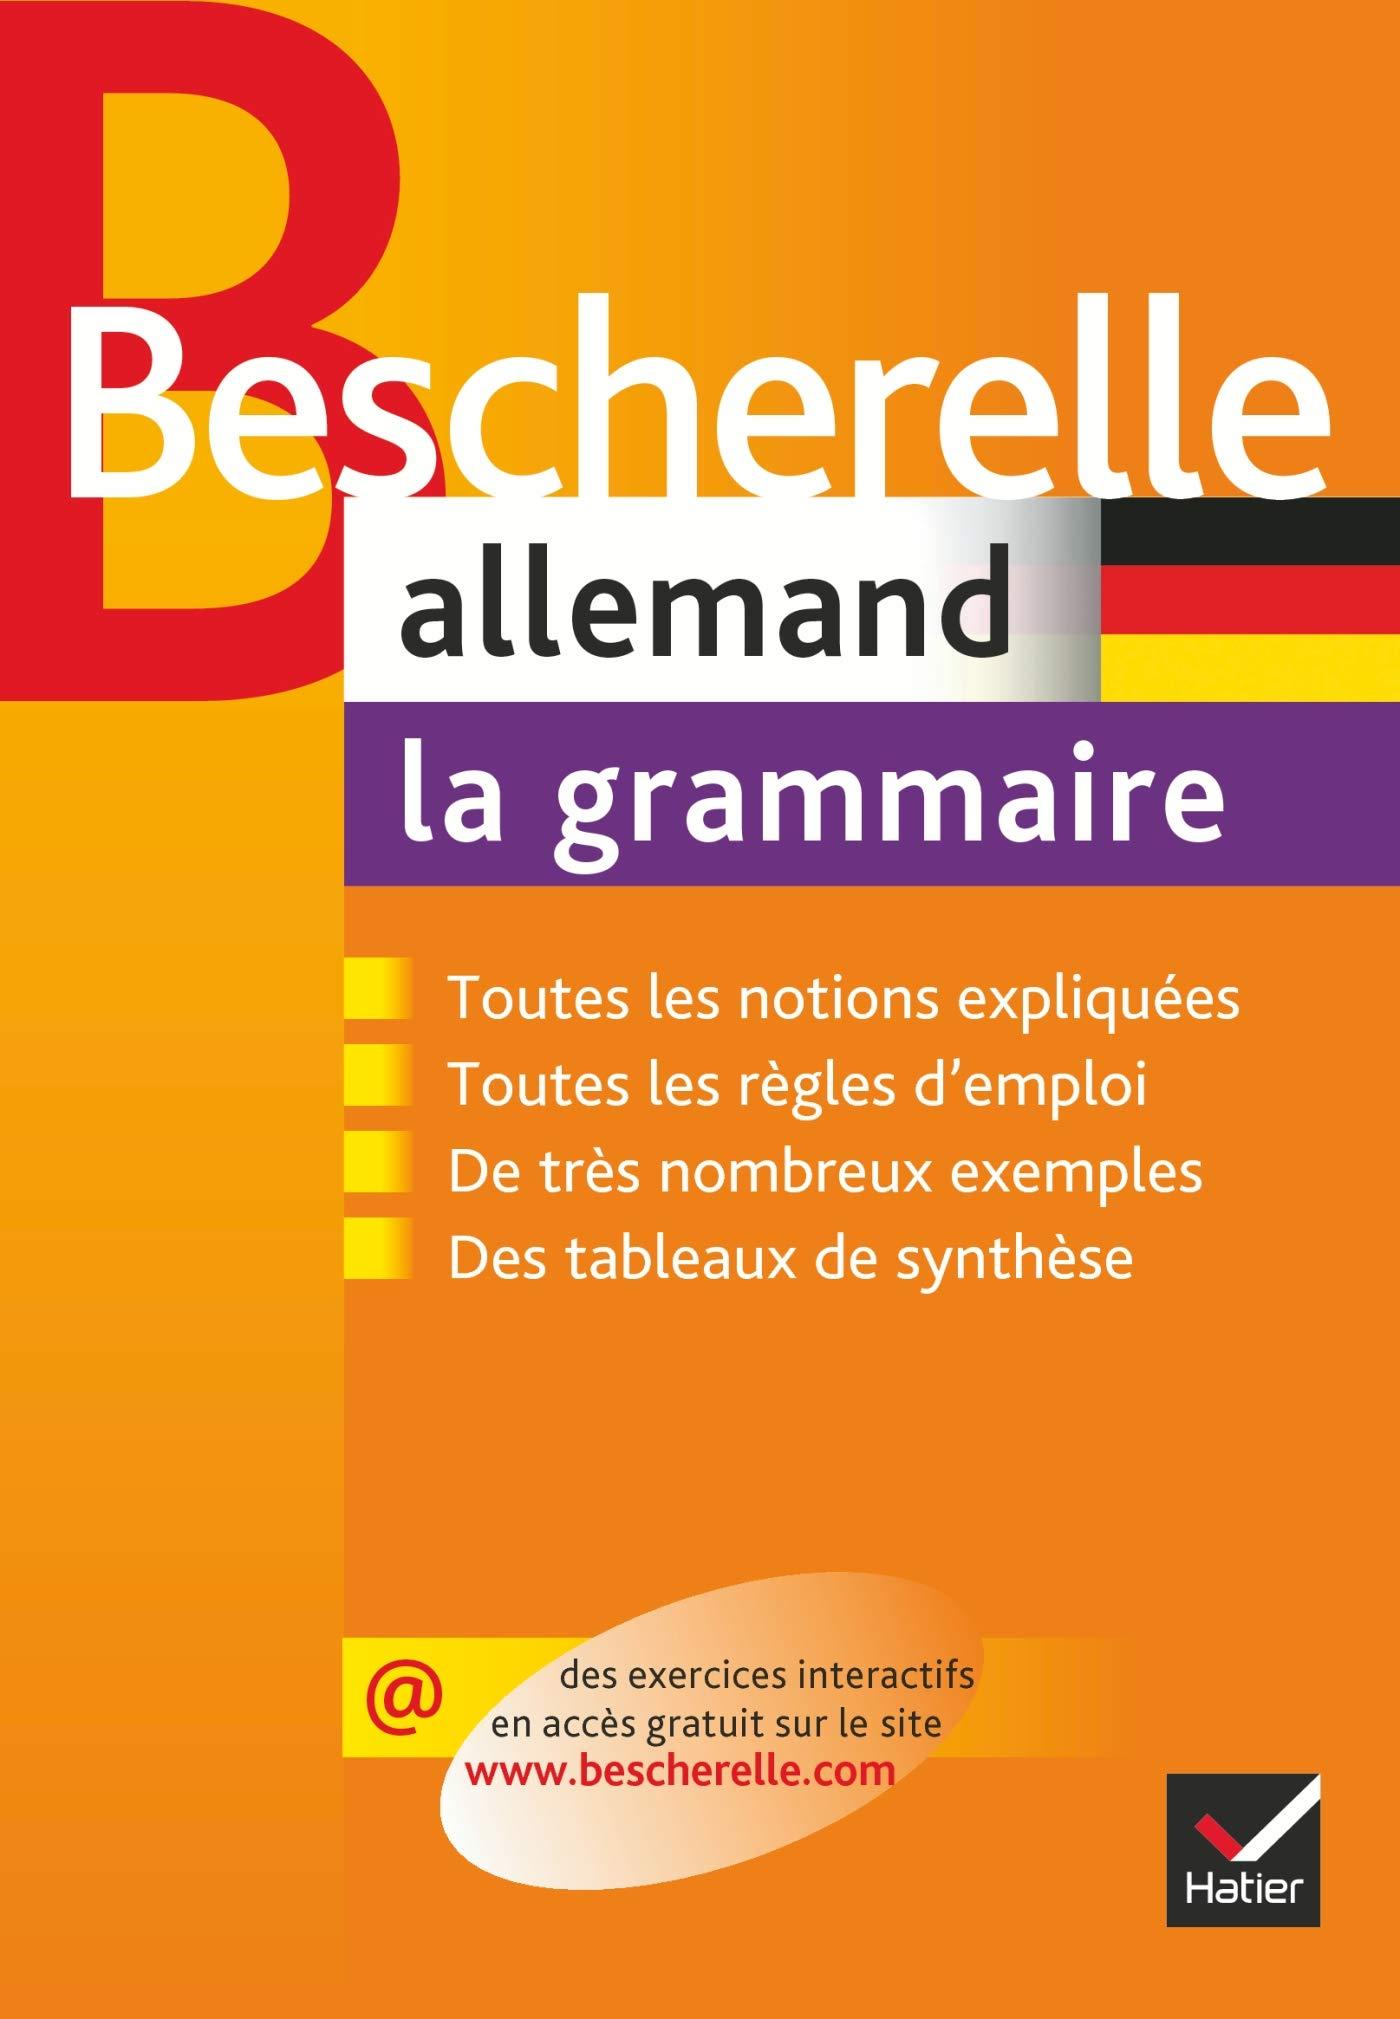 Amazon Fr Bescherelle Allemand La Grammaire Ouvrage De Reference Sur La Grammaire Allemande Cauquil Gerard Schanen Francois Livres